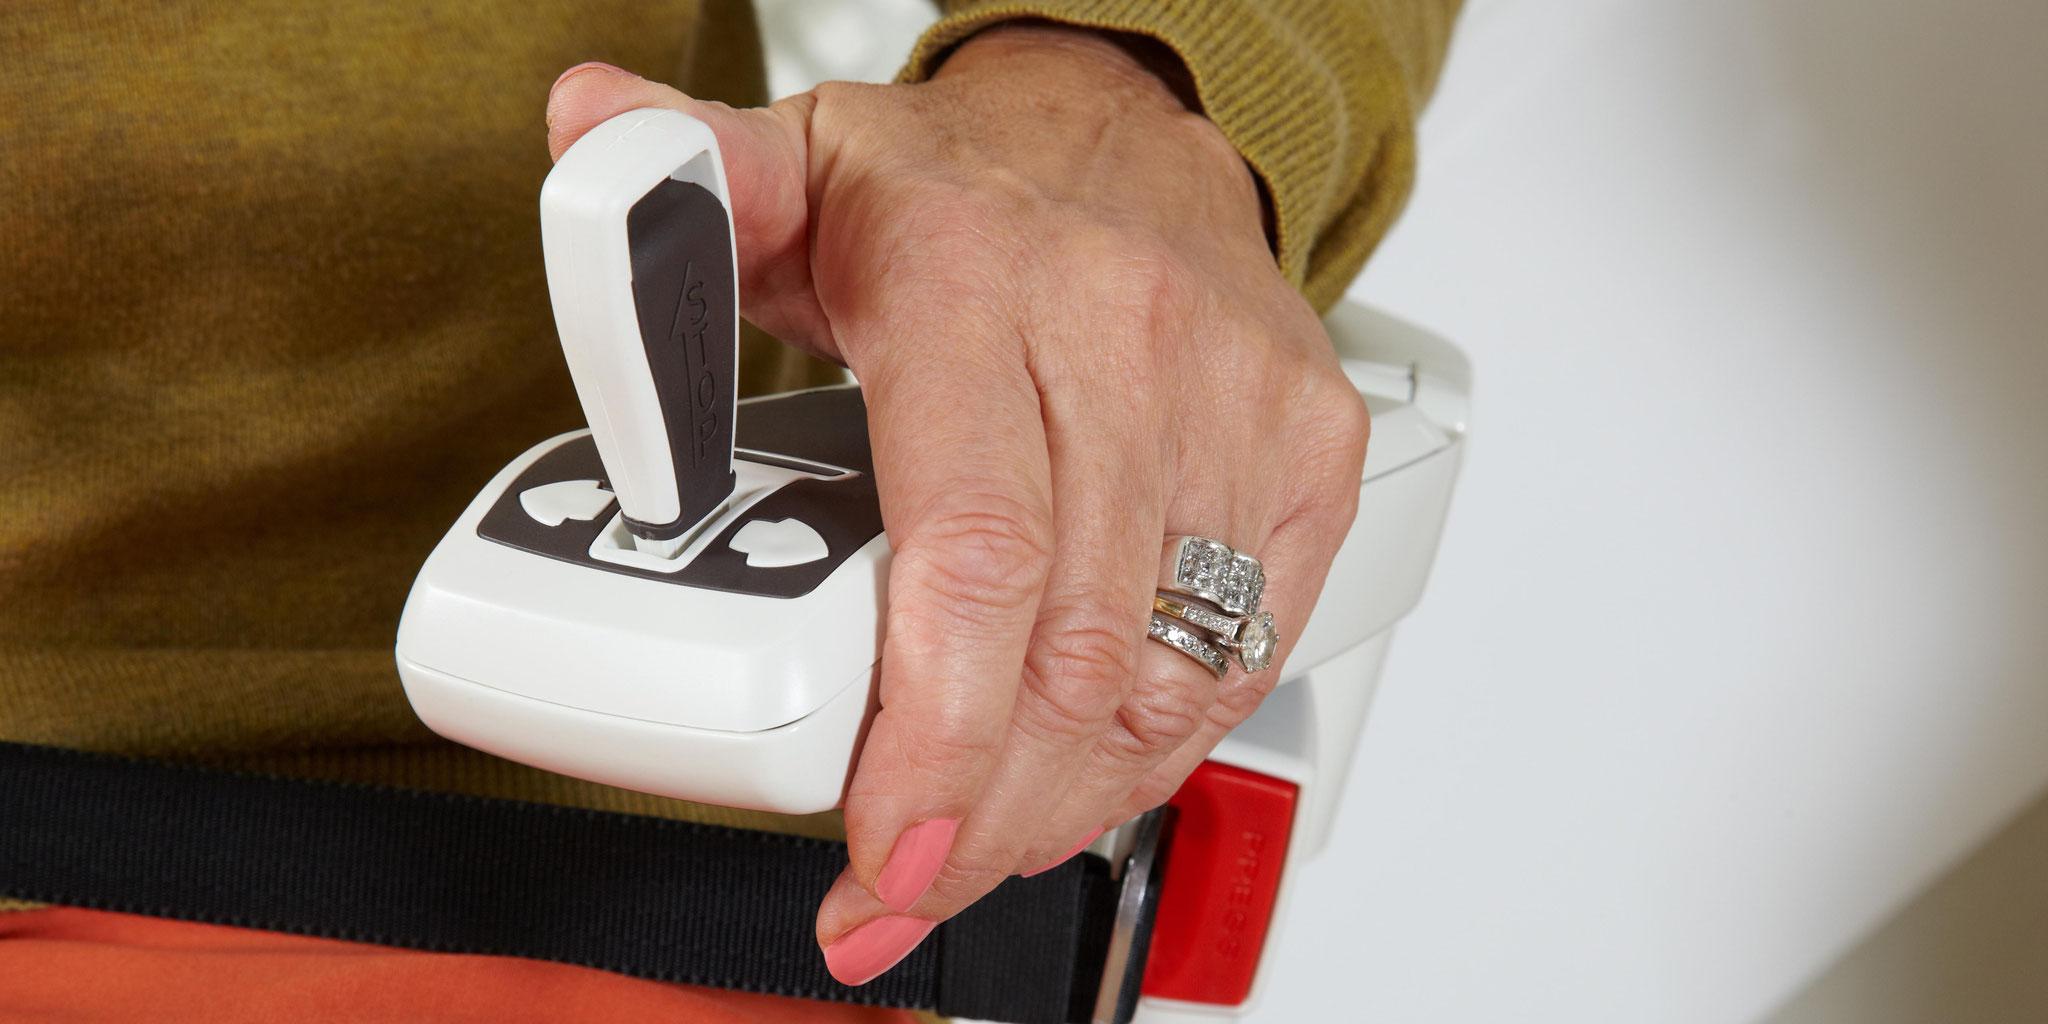 Harzlift bietet Ihnen eine kostenfreie und unverbindliche Beratung in Hötensleben, sowohl am Telefon als auch zu Hause bei Ihnen.